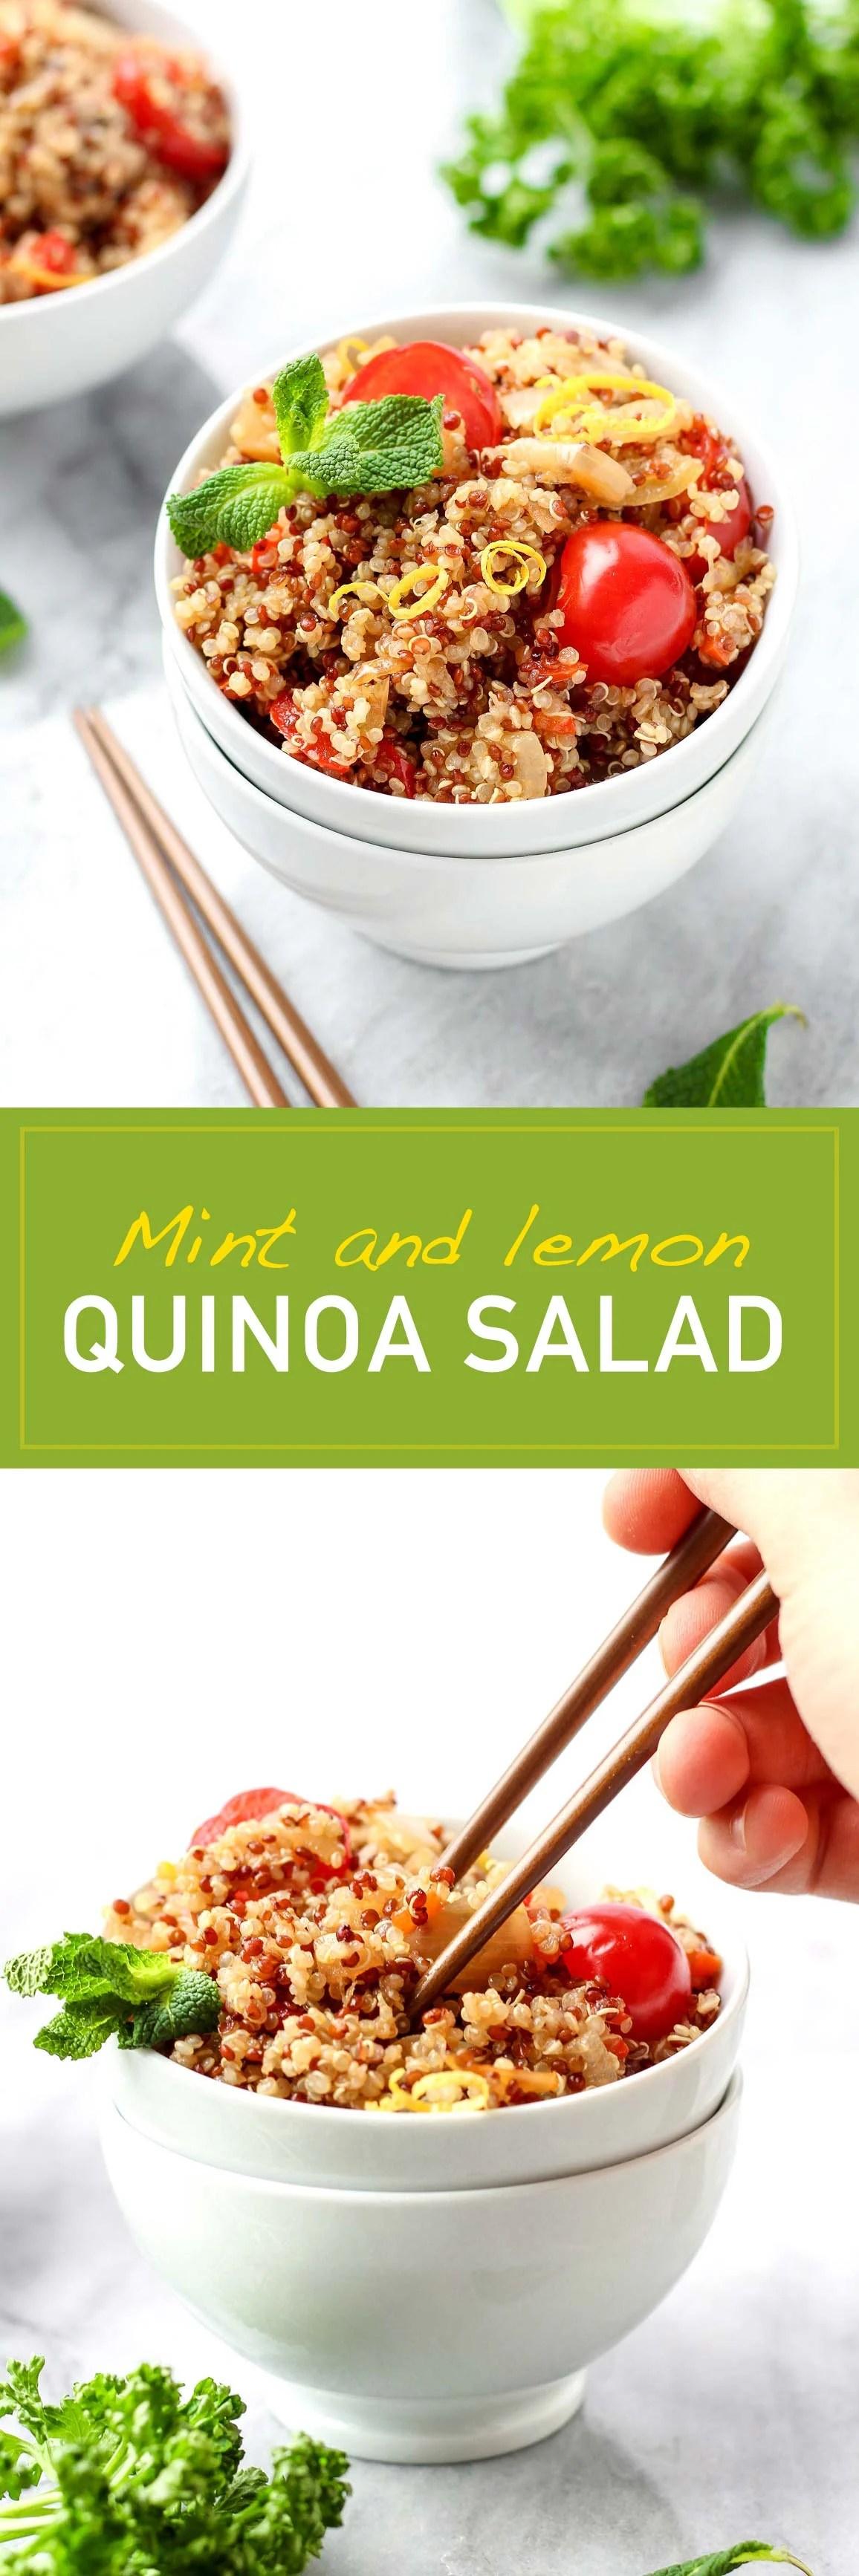 Mint Lemon Quinoa Salad